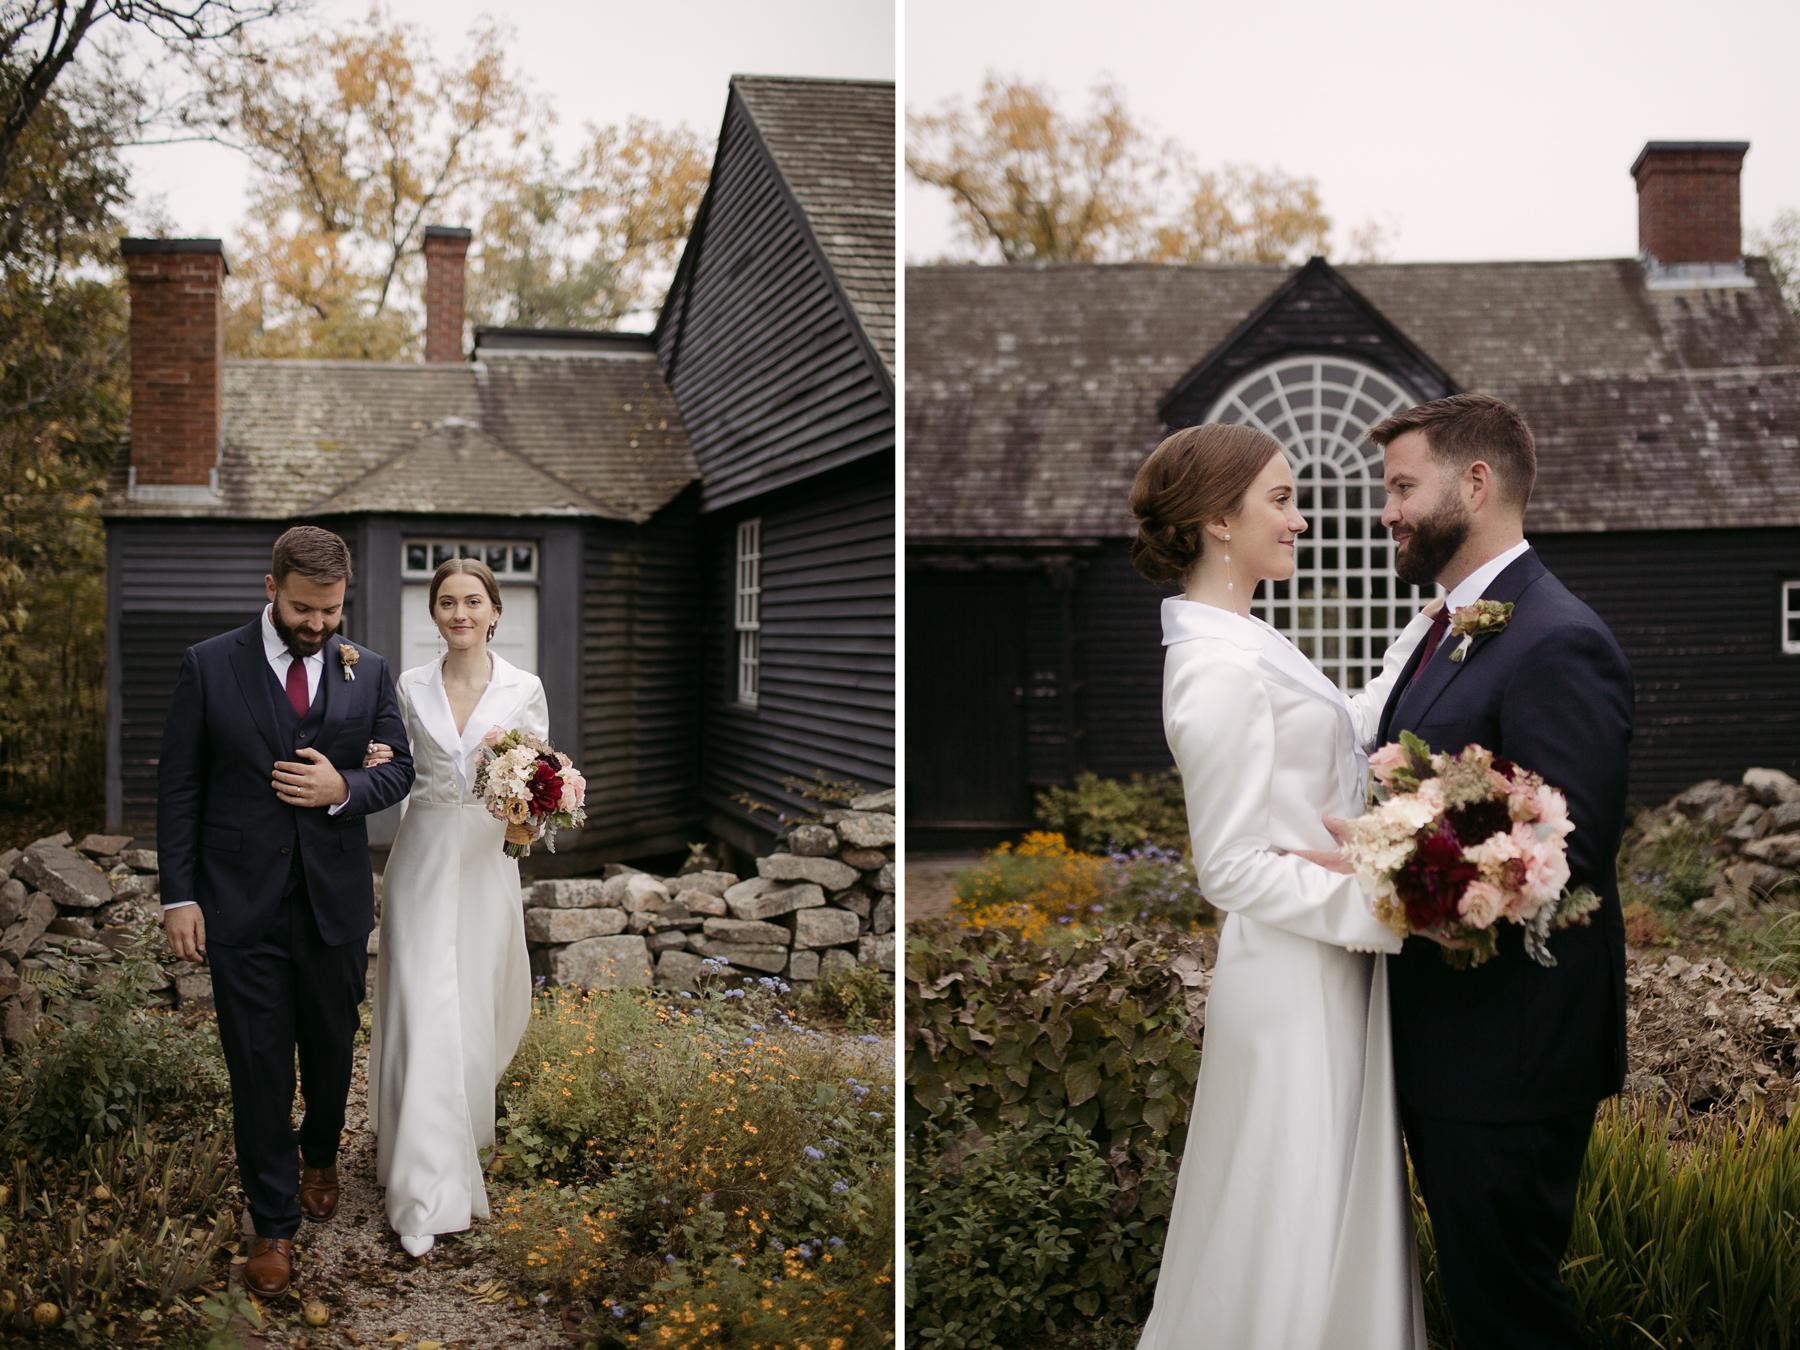 Hamilton_House_wedding_maine_Leah_Fisher_Photography-30.jpg